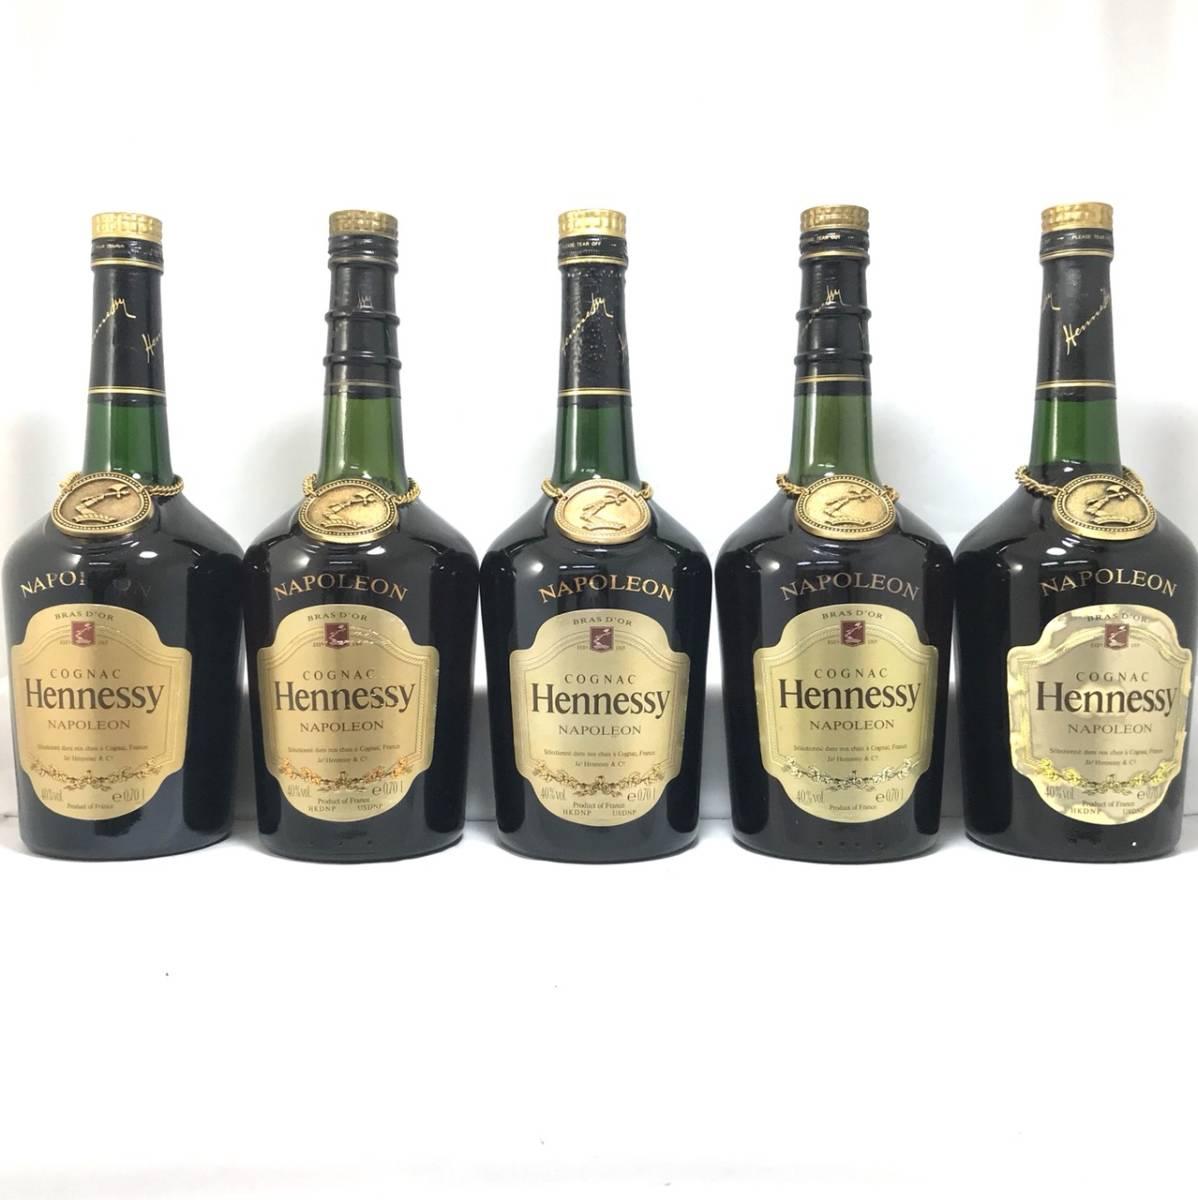 古酒 - Hennessy NAPOLEON BRASD'OR/ヘネシー ナポレオン ブラスドール 16本セット 700ml 40% ブランデー コニャック 未開栓_画像5